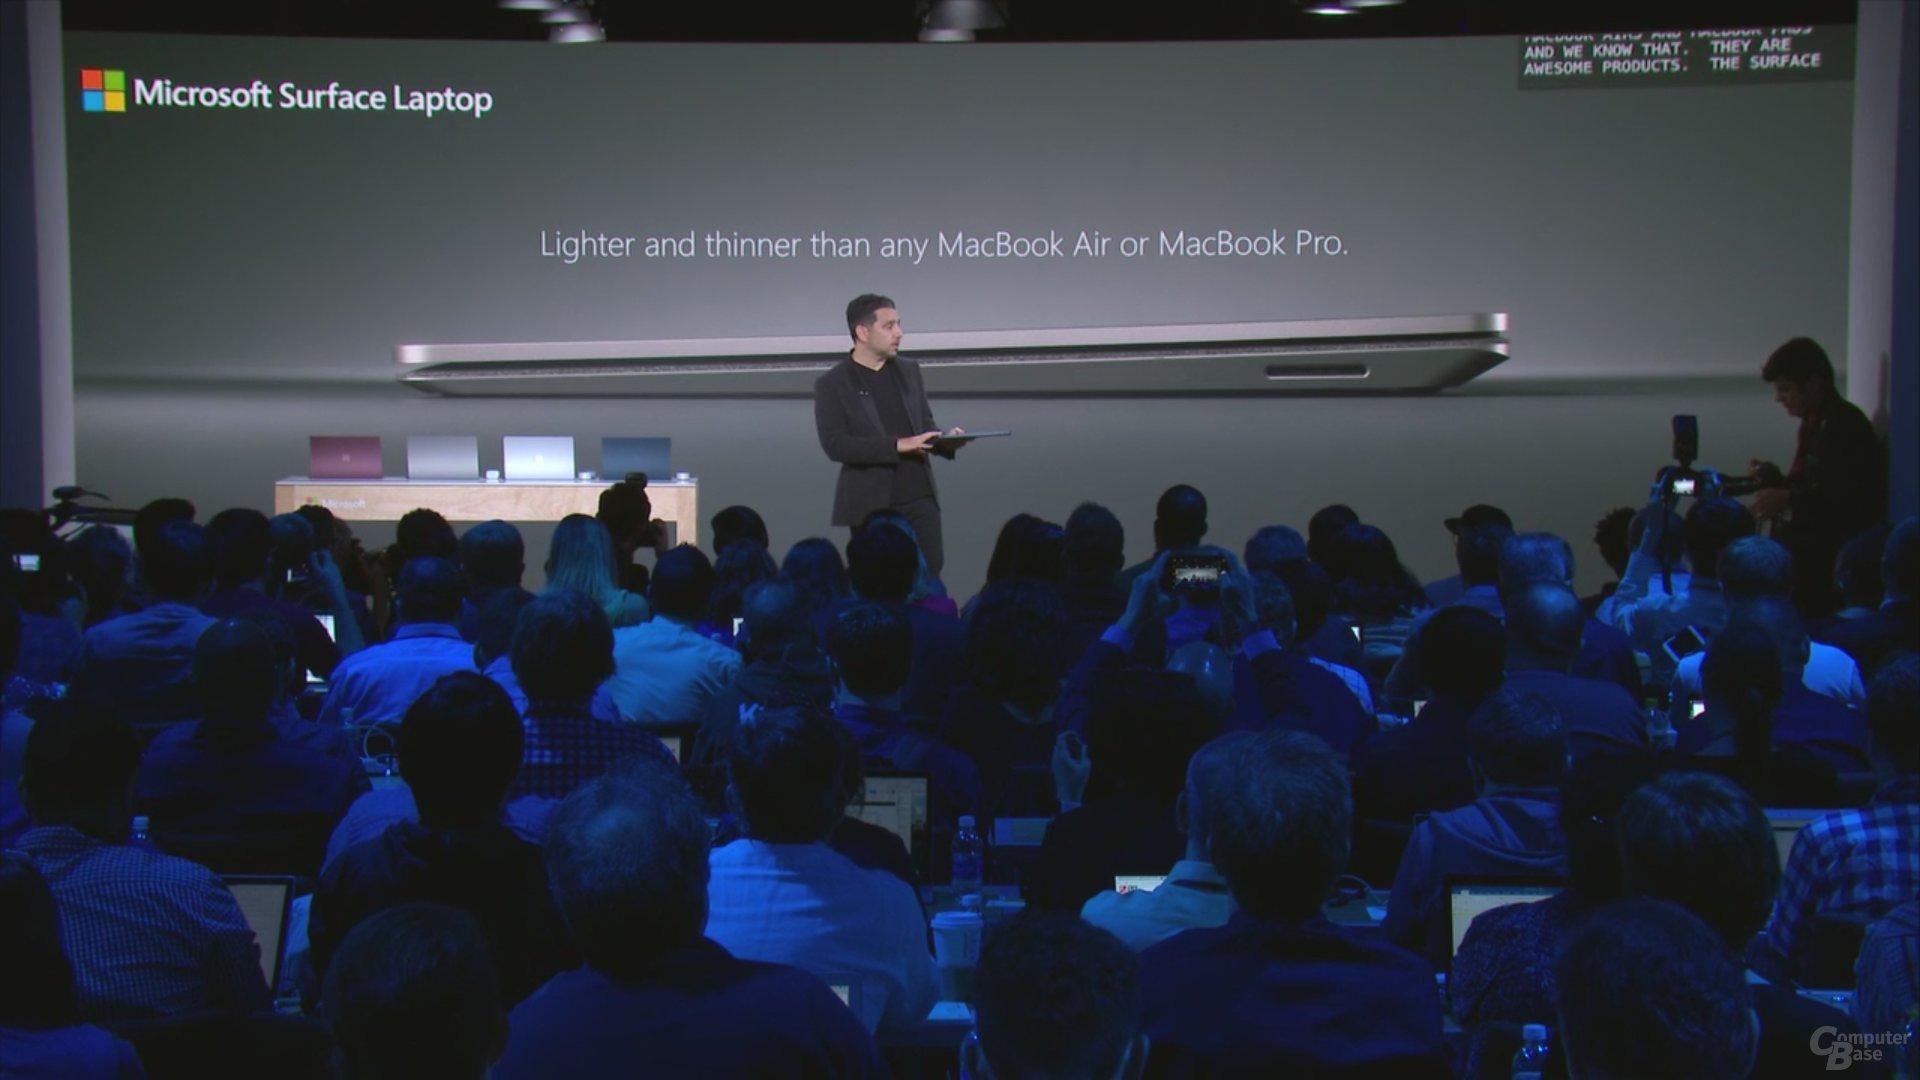 Dünner und leichter als jedes MacBook Pro oder MacBook Air